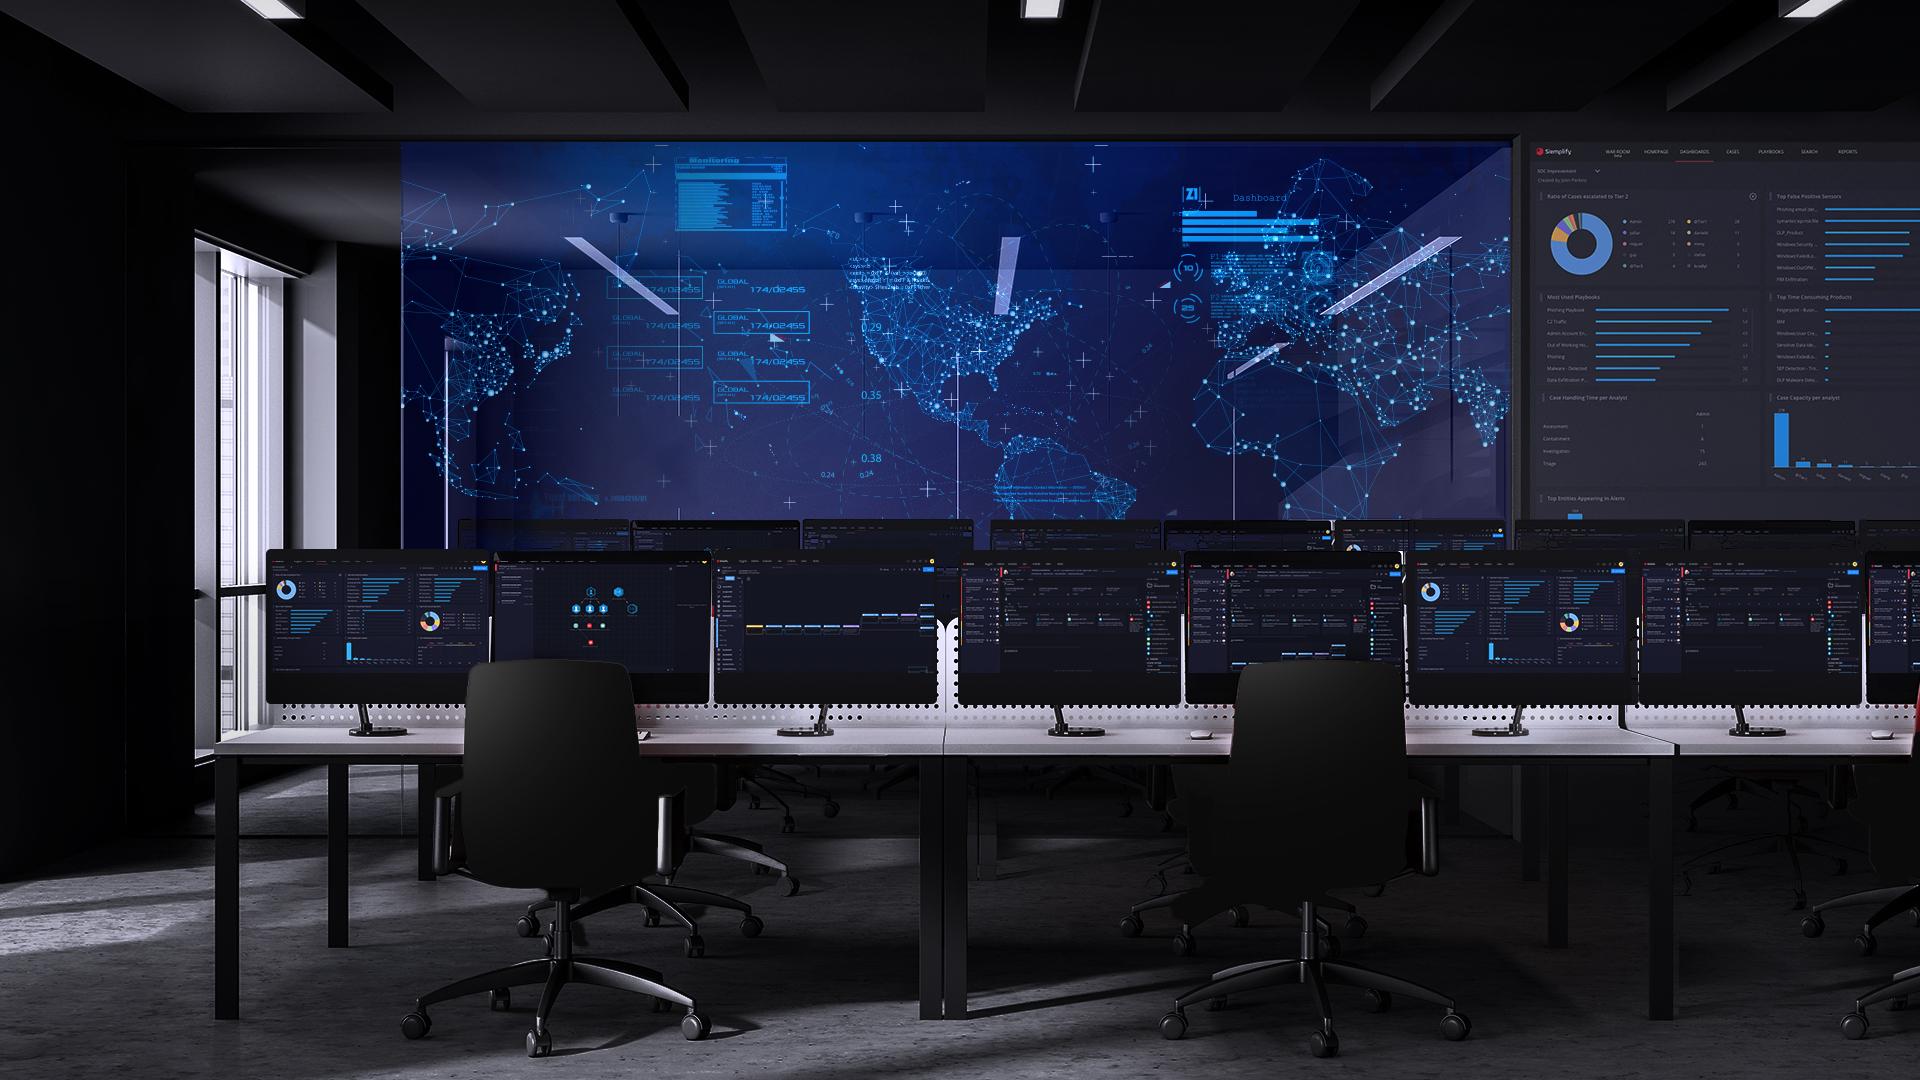 Oficina futurista. Fondo virtual gratuito para Zoom, Microsoft Teams, Skype, Google Meet, WebEx o cualquier otra aplicación compatible.